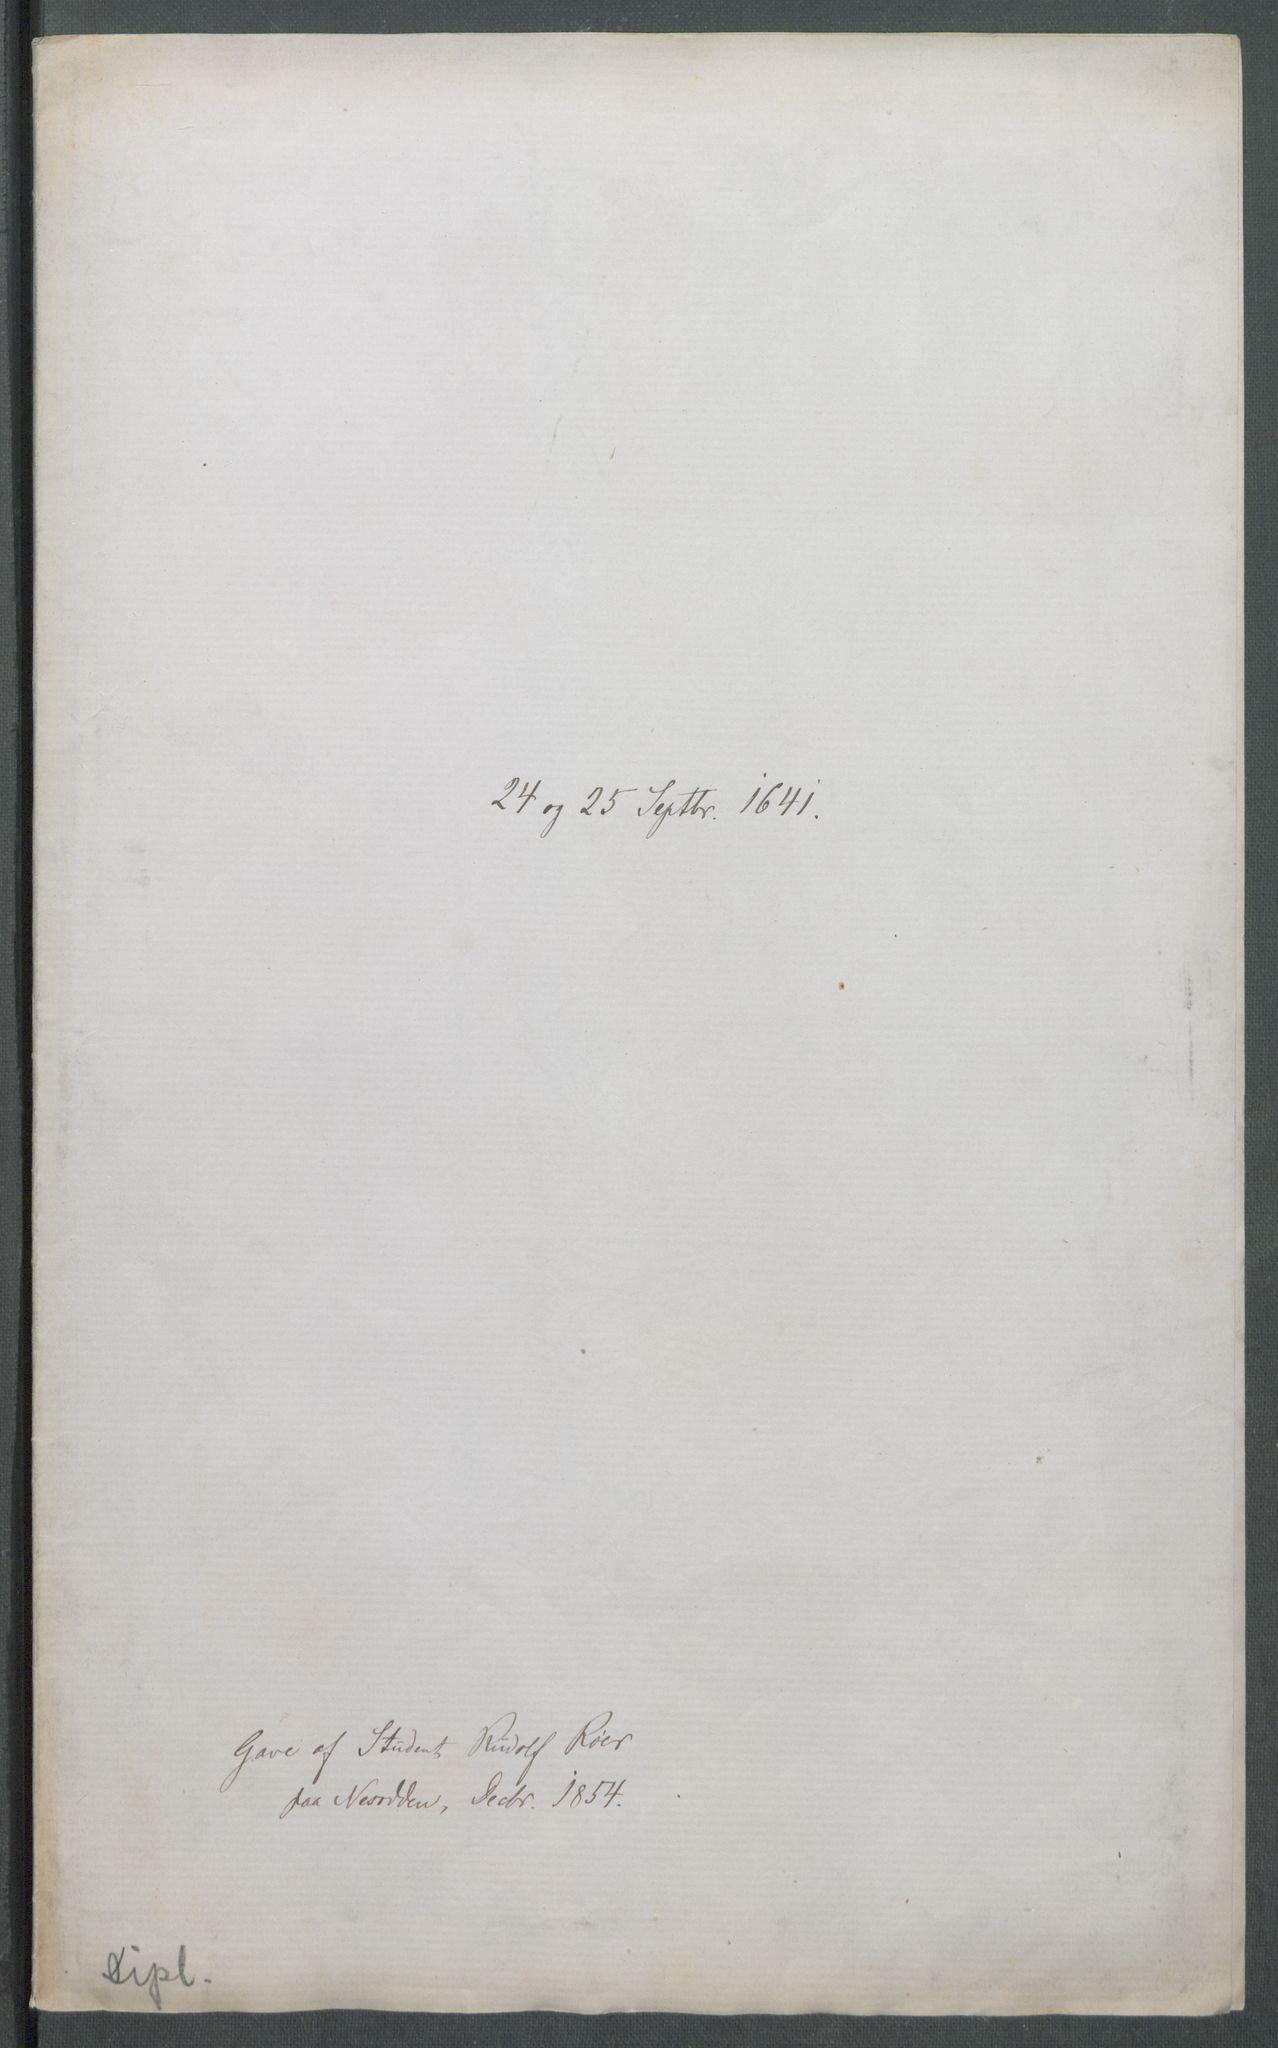 RA, Riksarkivets diplomsamling, F02/L0154: Dokumenter, 1641, p. 42